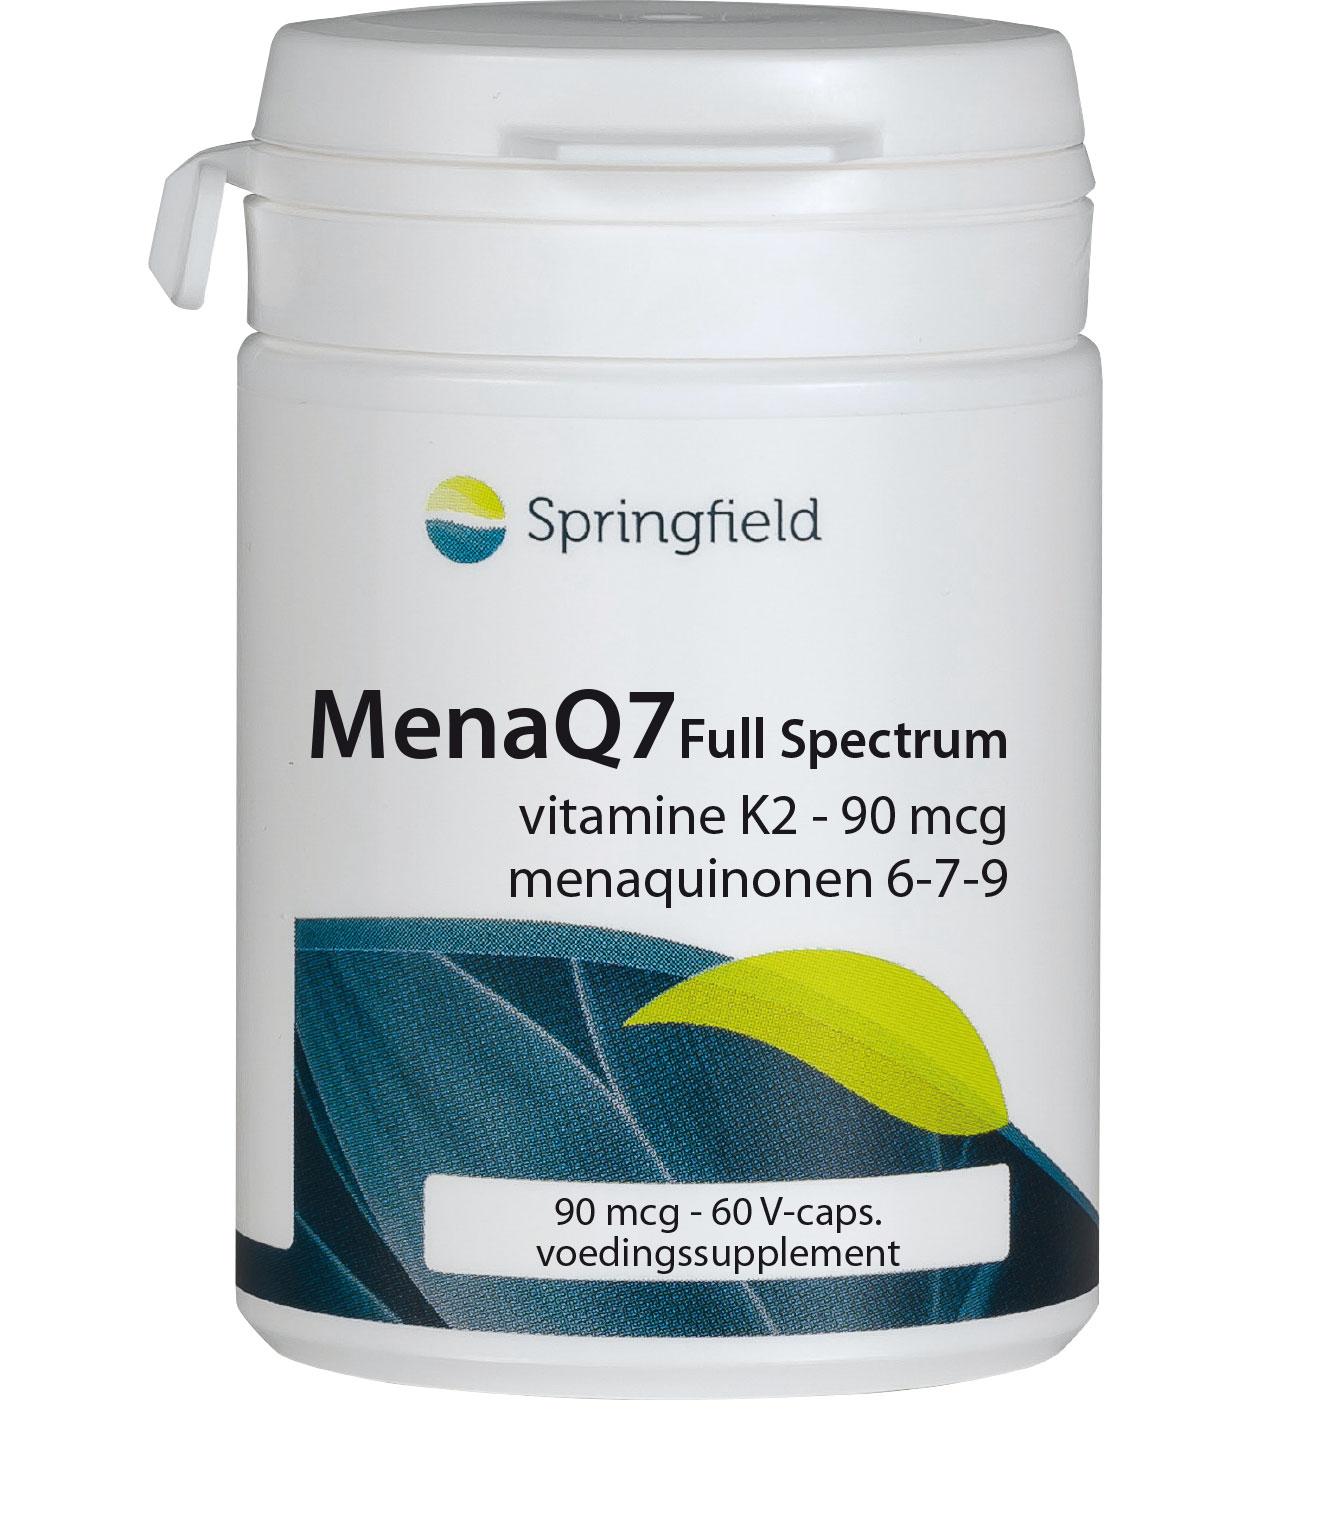 MenaQ7 Full-Spectrum 90mcg-vitamine K2 menaquinonen 6-9